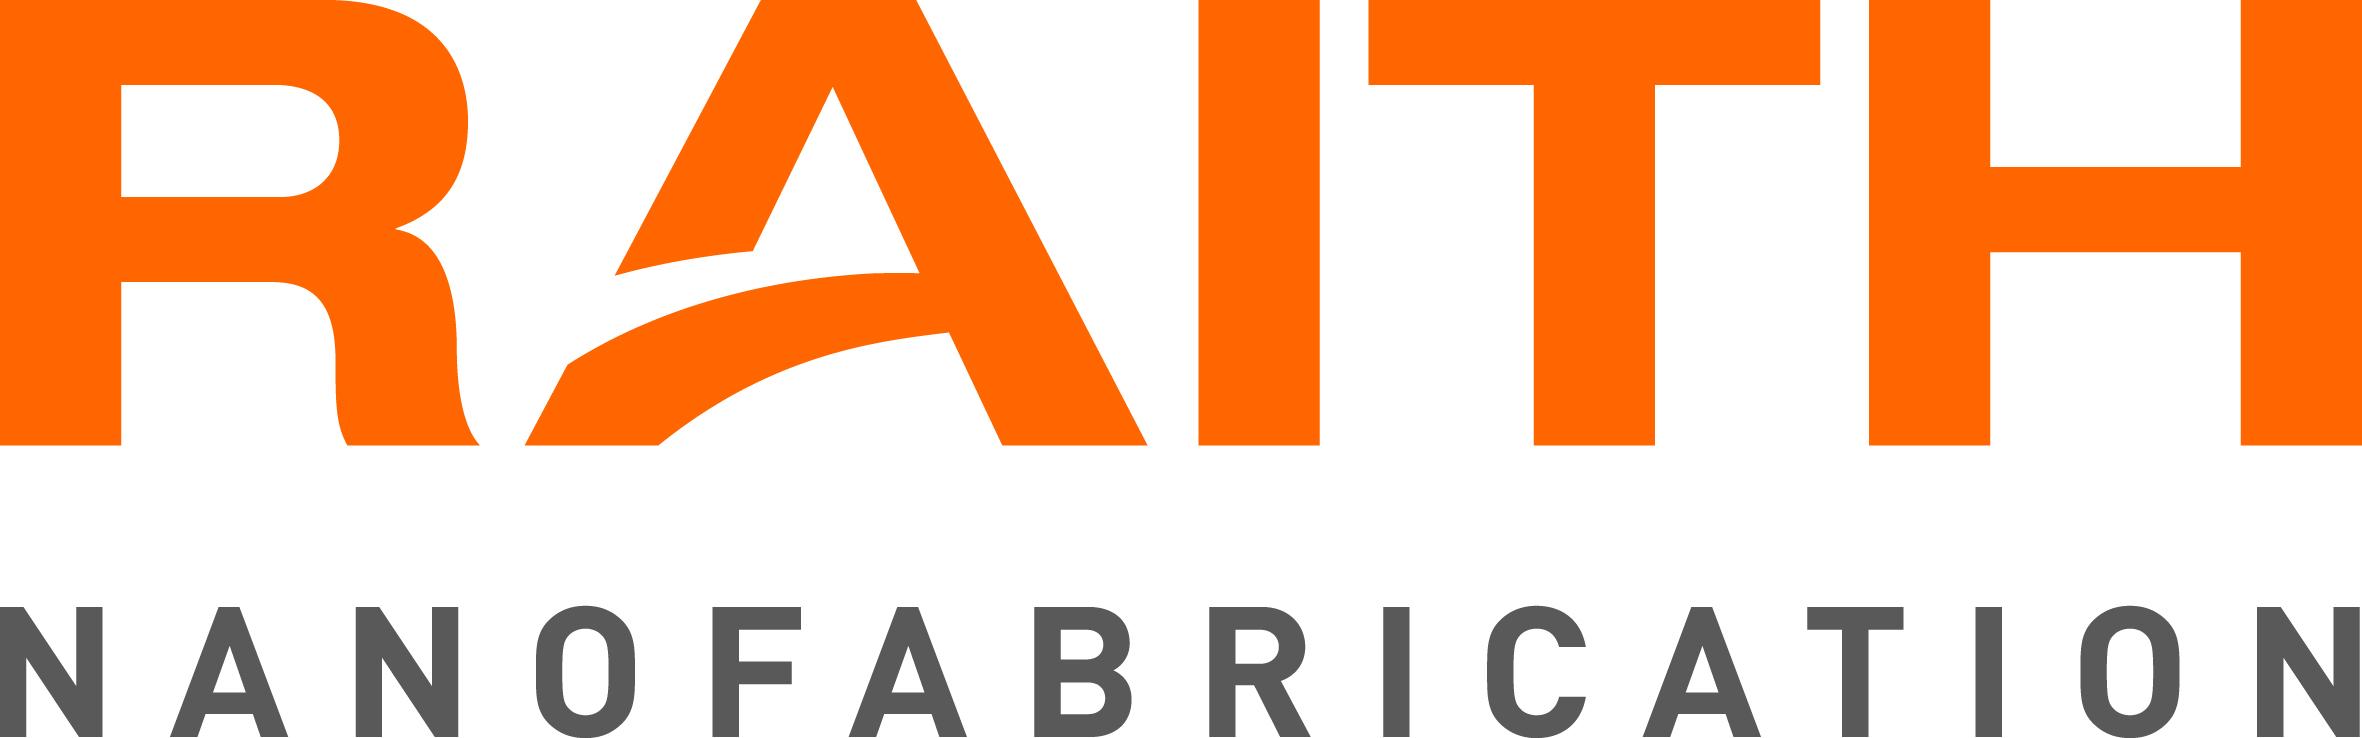 Raith Nanofabrication